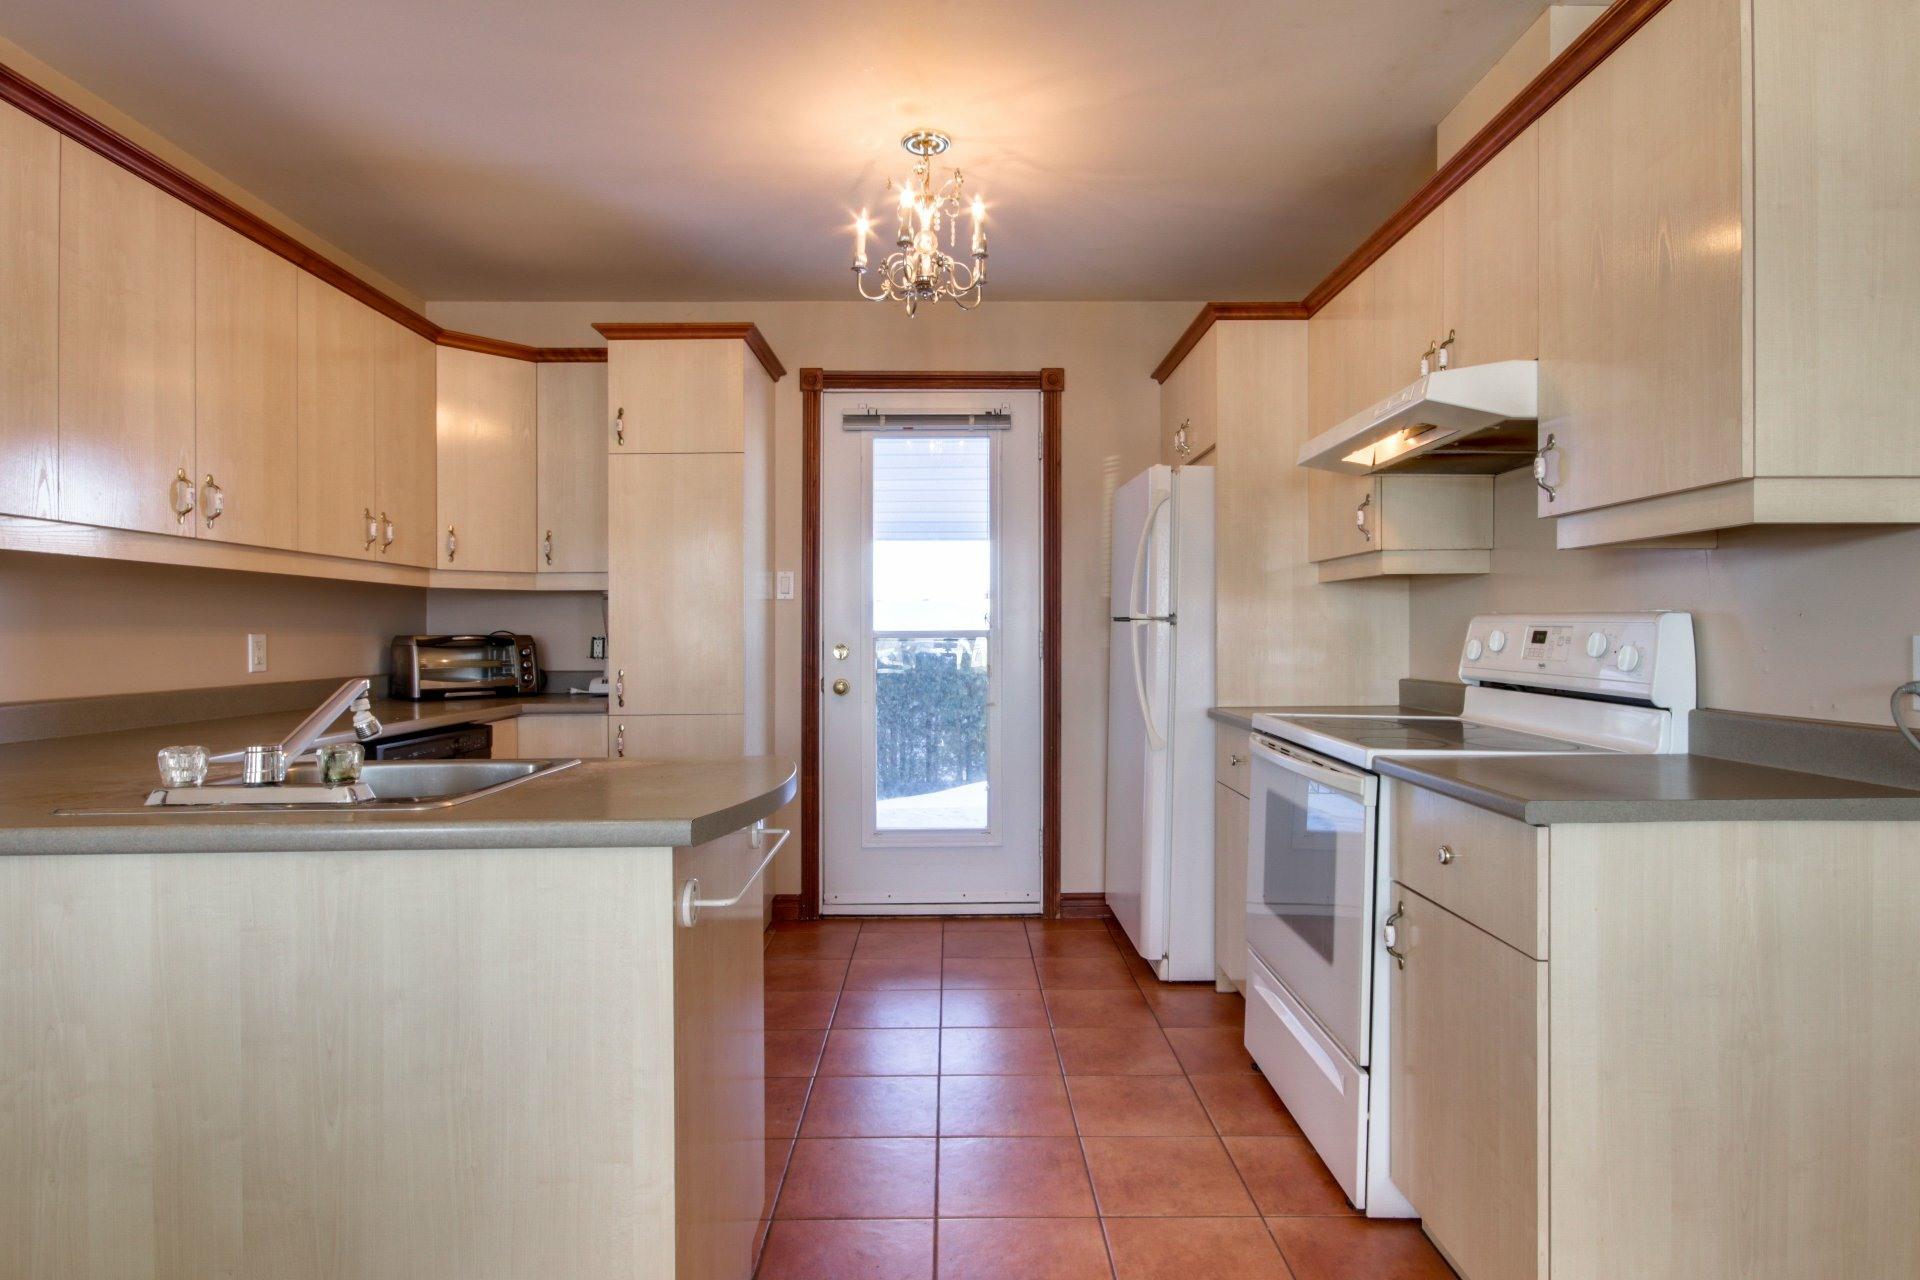 image 10 - House For sale Saint-Pierre-les-Becquets - 8 rooms